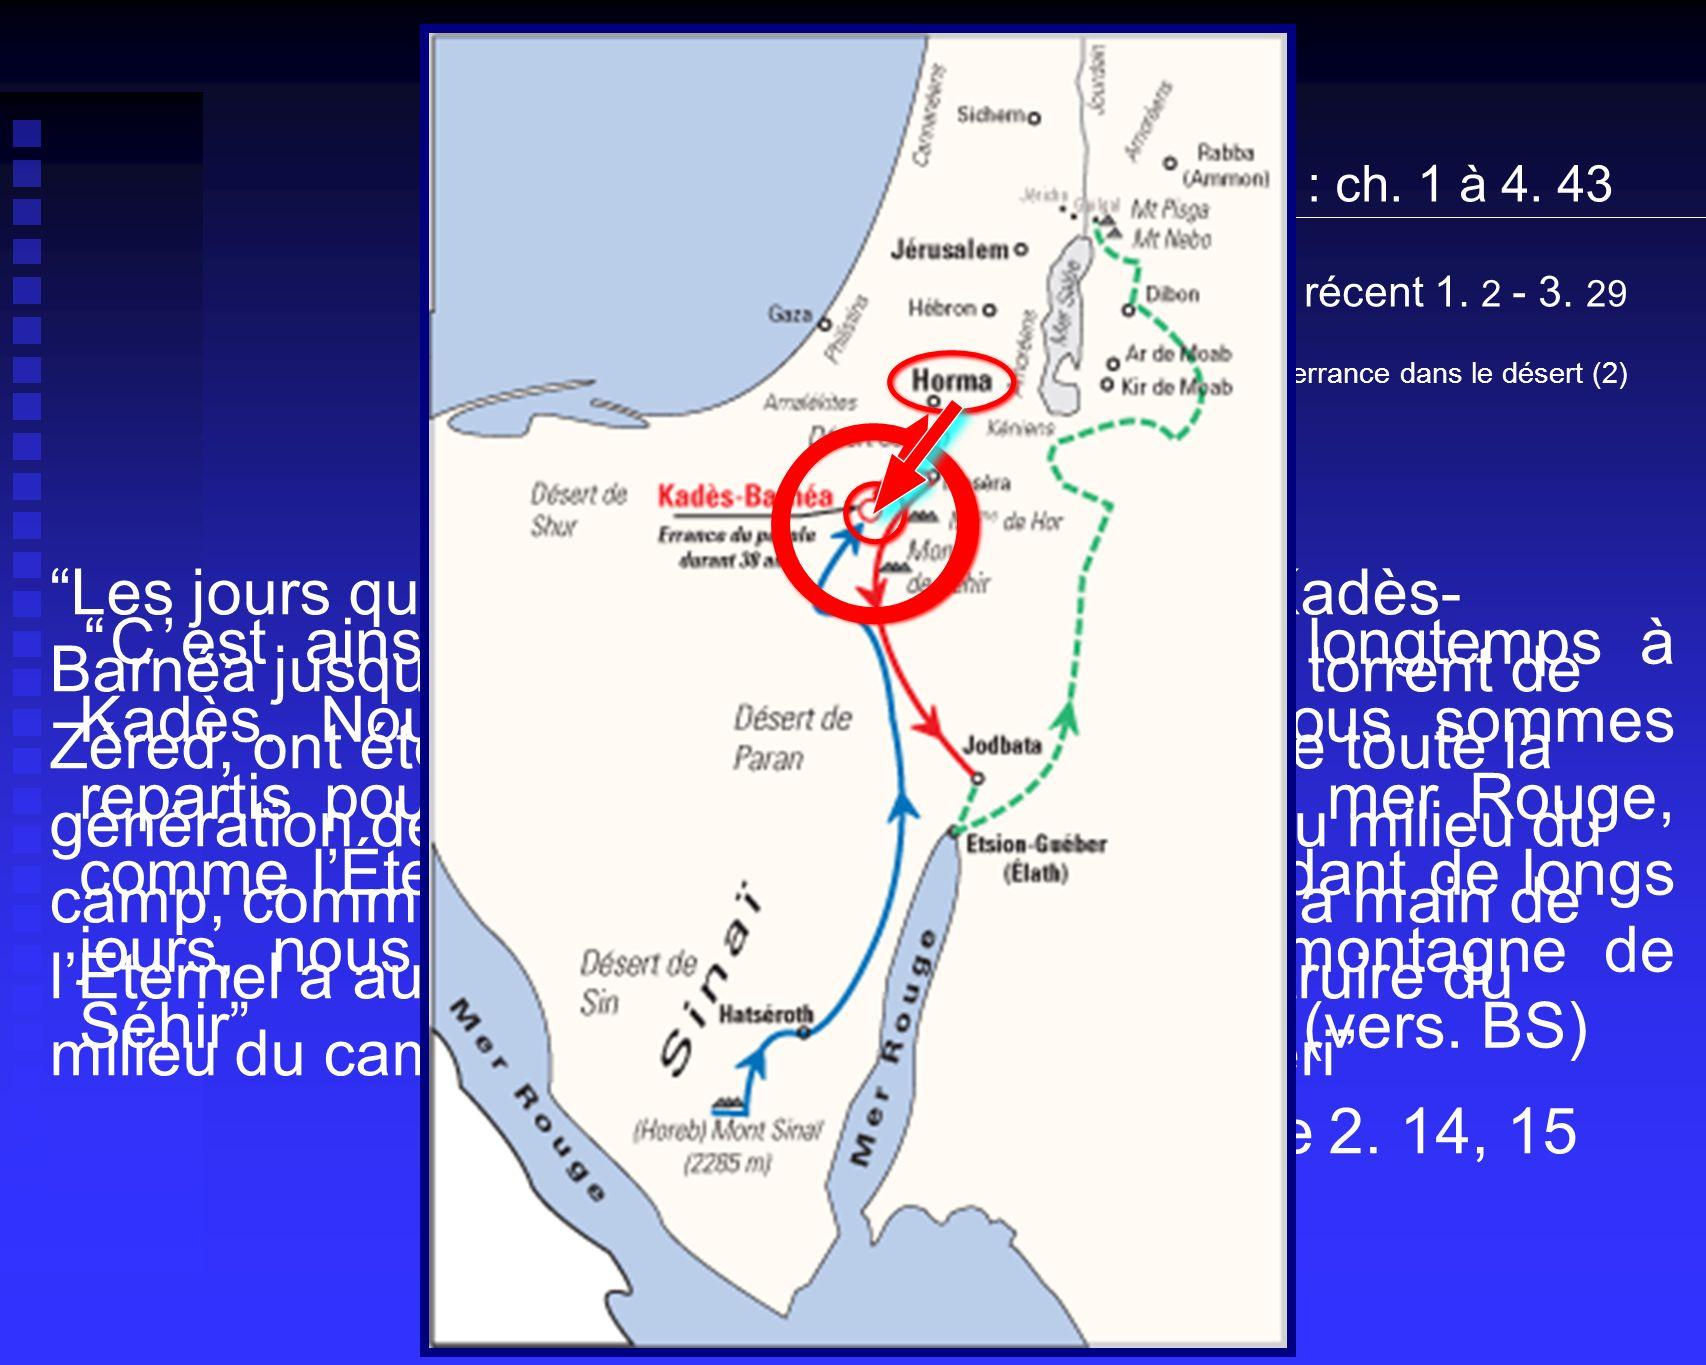 Le passé récent 1. 2 - 3. 29 L'errance dans le désert (2) 1. Le chemin jusqu'ici : ch. 1 à 4. 43.